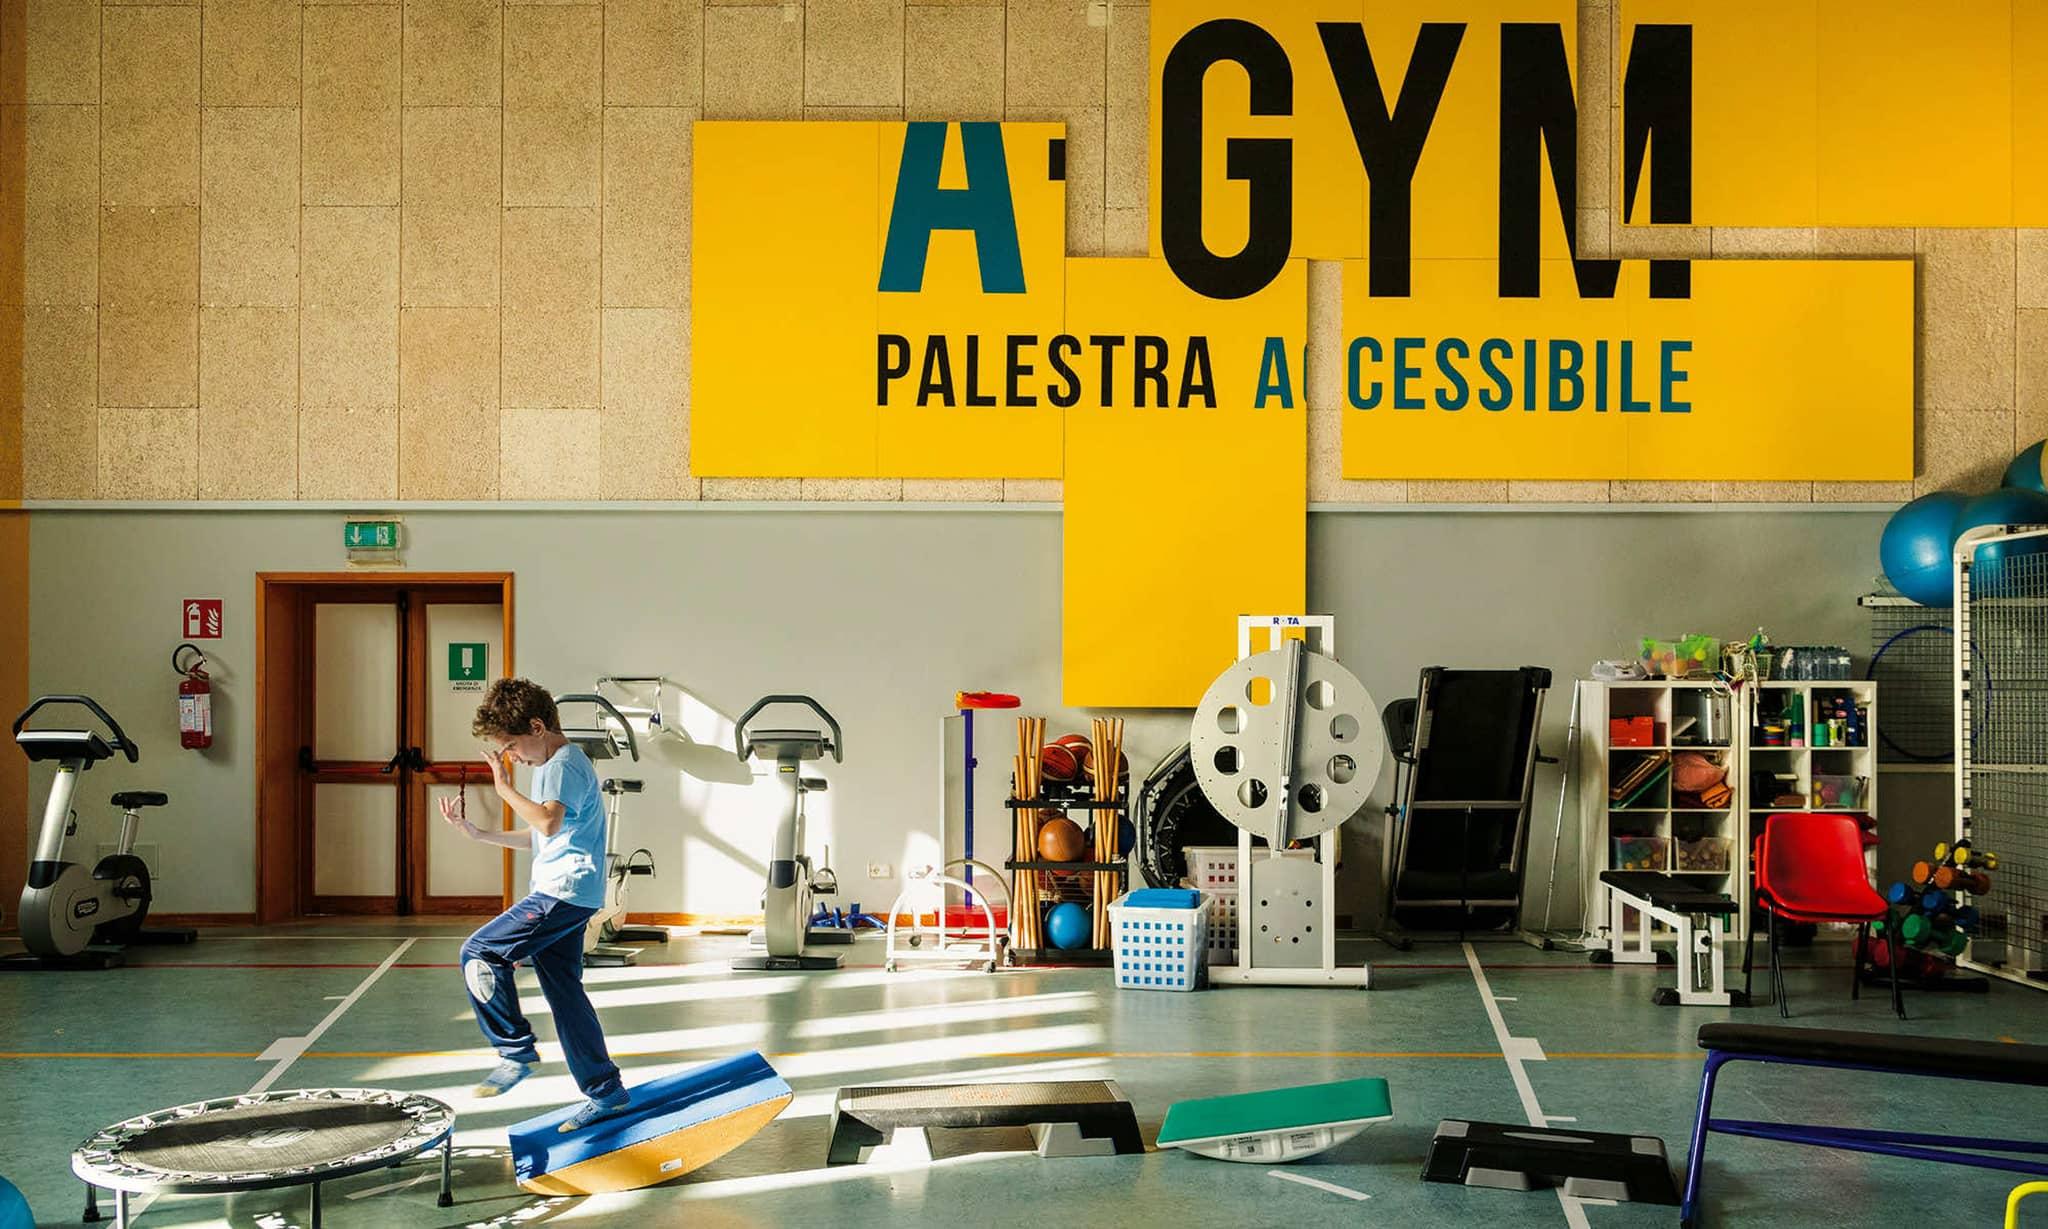 A-GYM: la palestra accessibile e inclusiva che fa dello sport un diritto per tutti